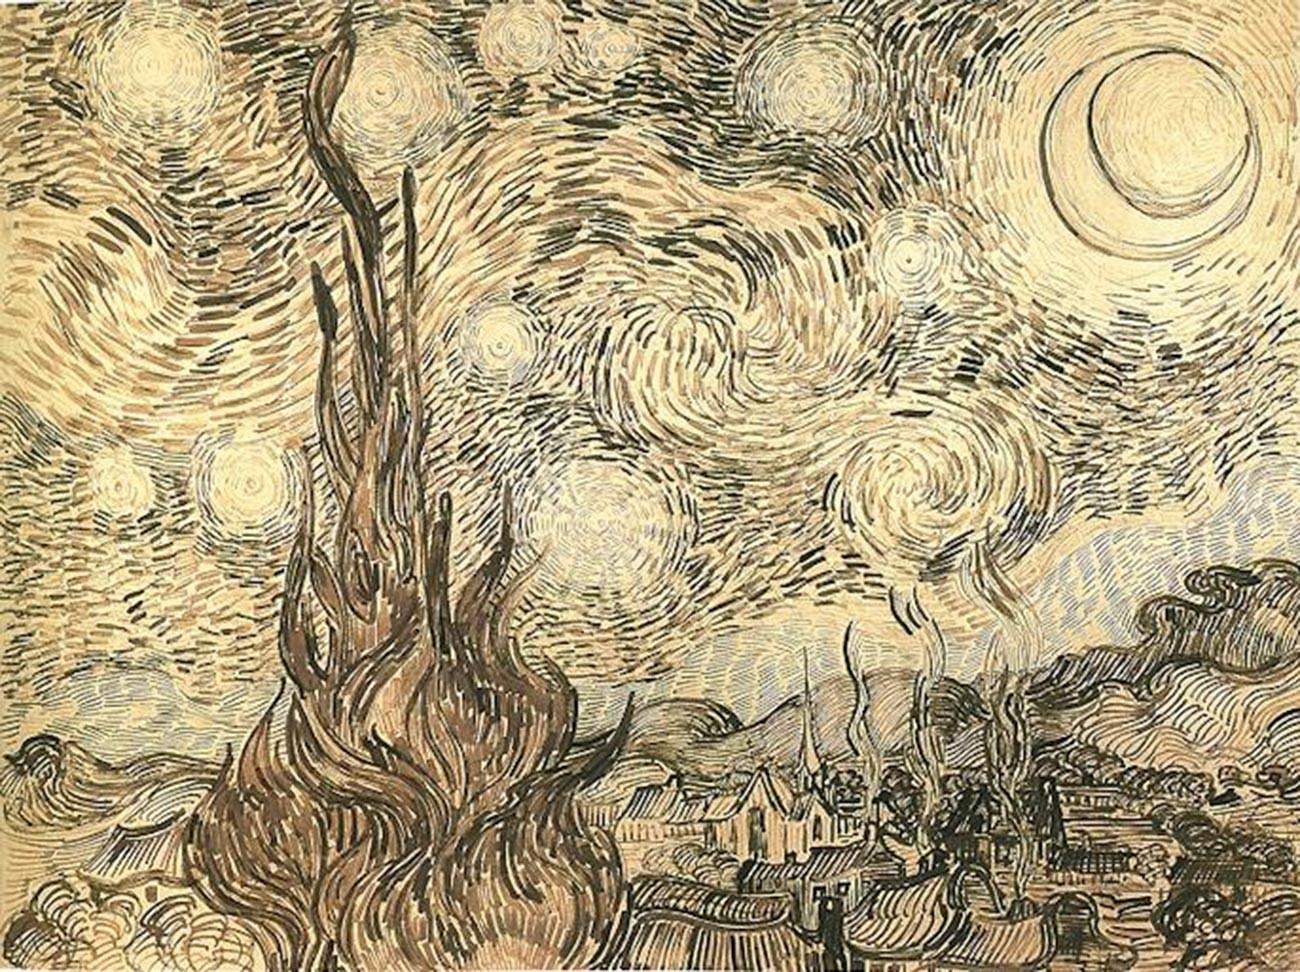 Винсент Ван Гог. Звёздная ночь